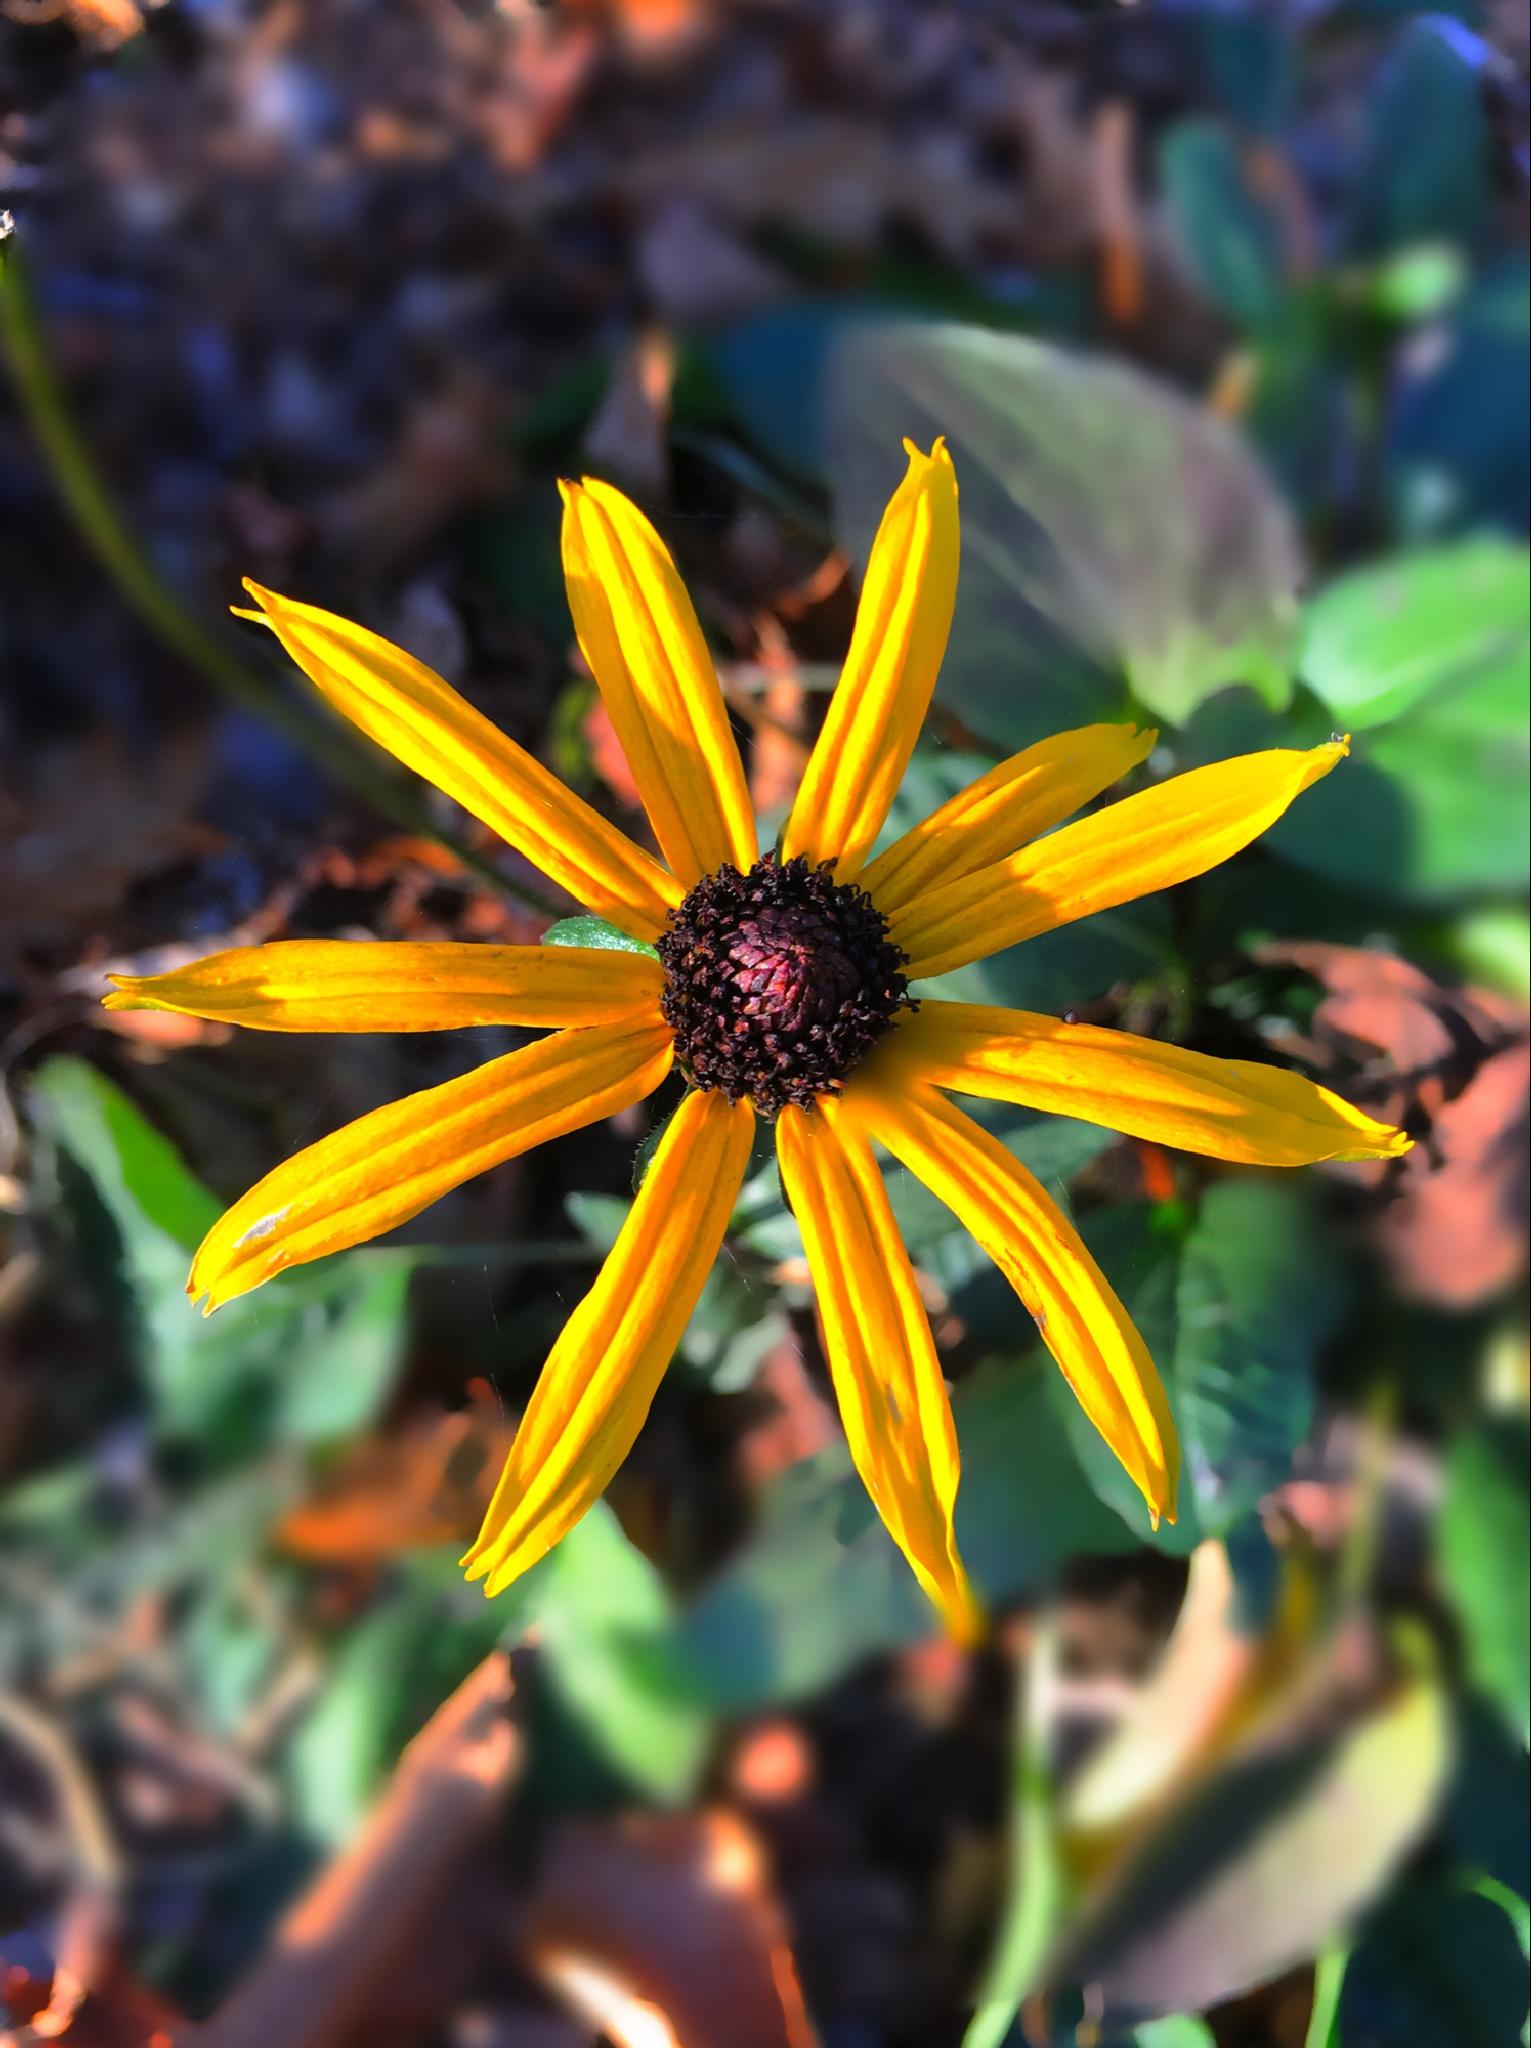 Last flower of fall by Memoriesbykelleejean